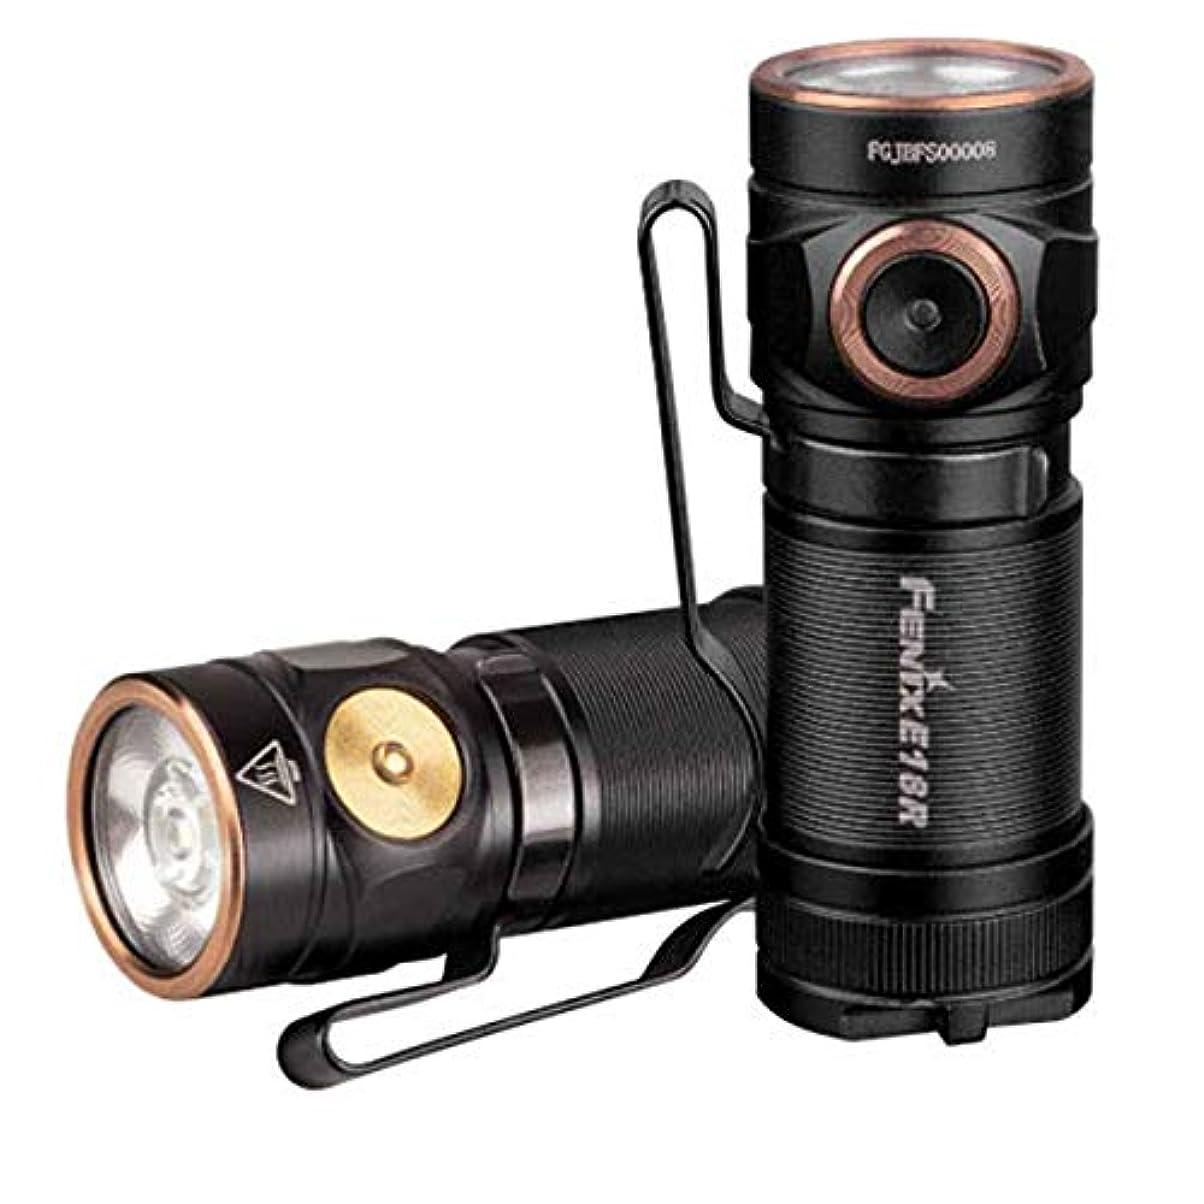 伸ばす寛容率直なFENIX(フェニックス) E18R XP-L HI LED フラッシュライト 明るさ最高750ルーメン USB充電式 E18R